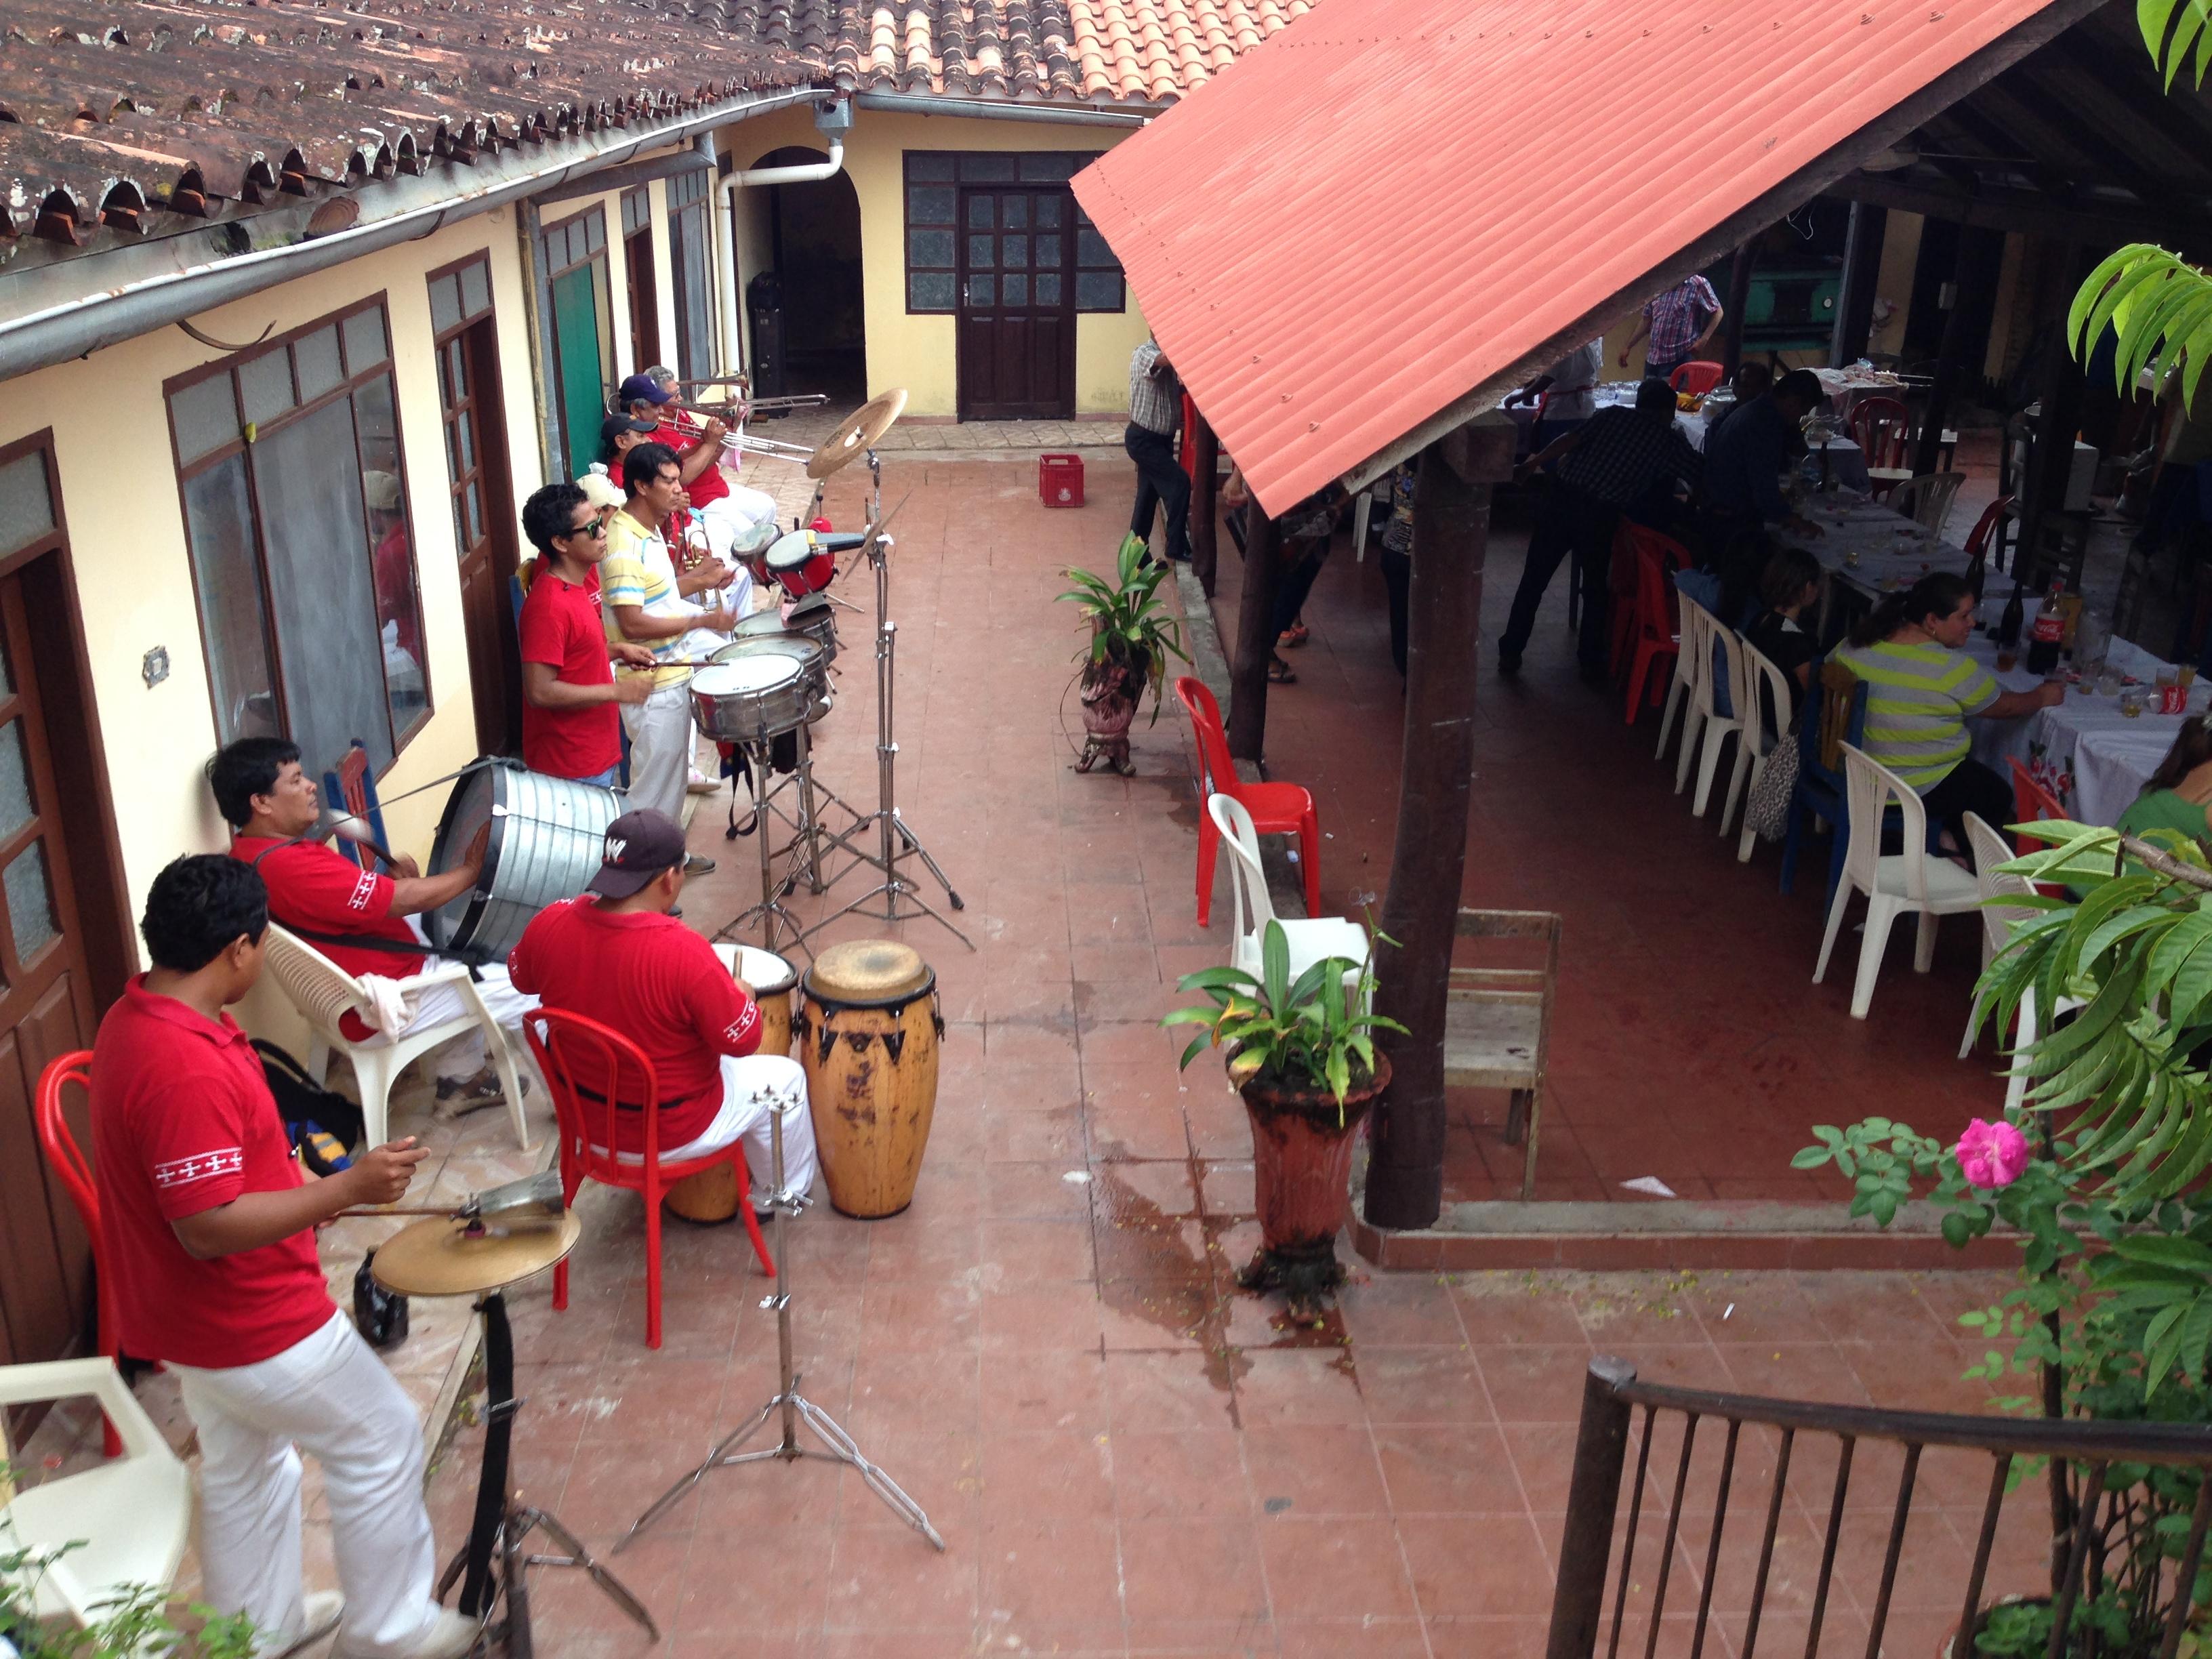 Grupo de música típico amenizando la tarde en un restaurante conocido de la zona